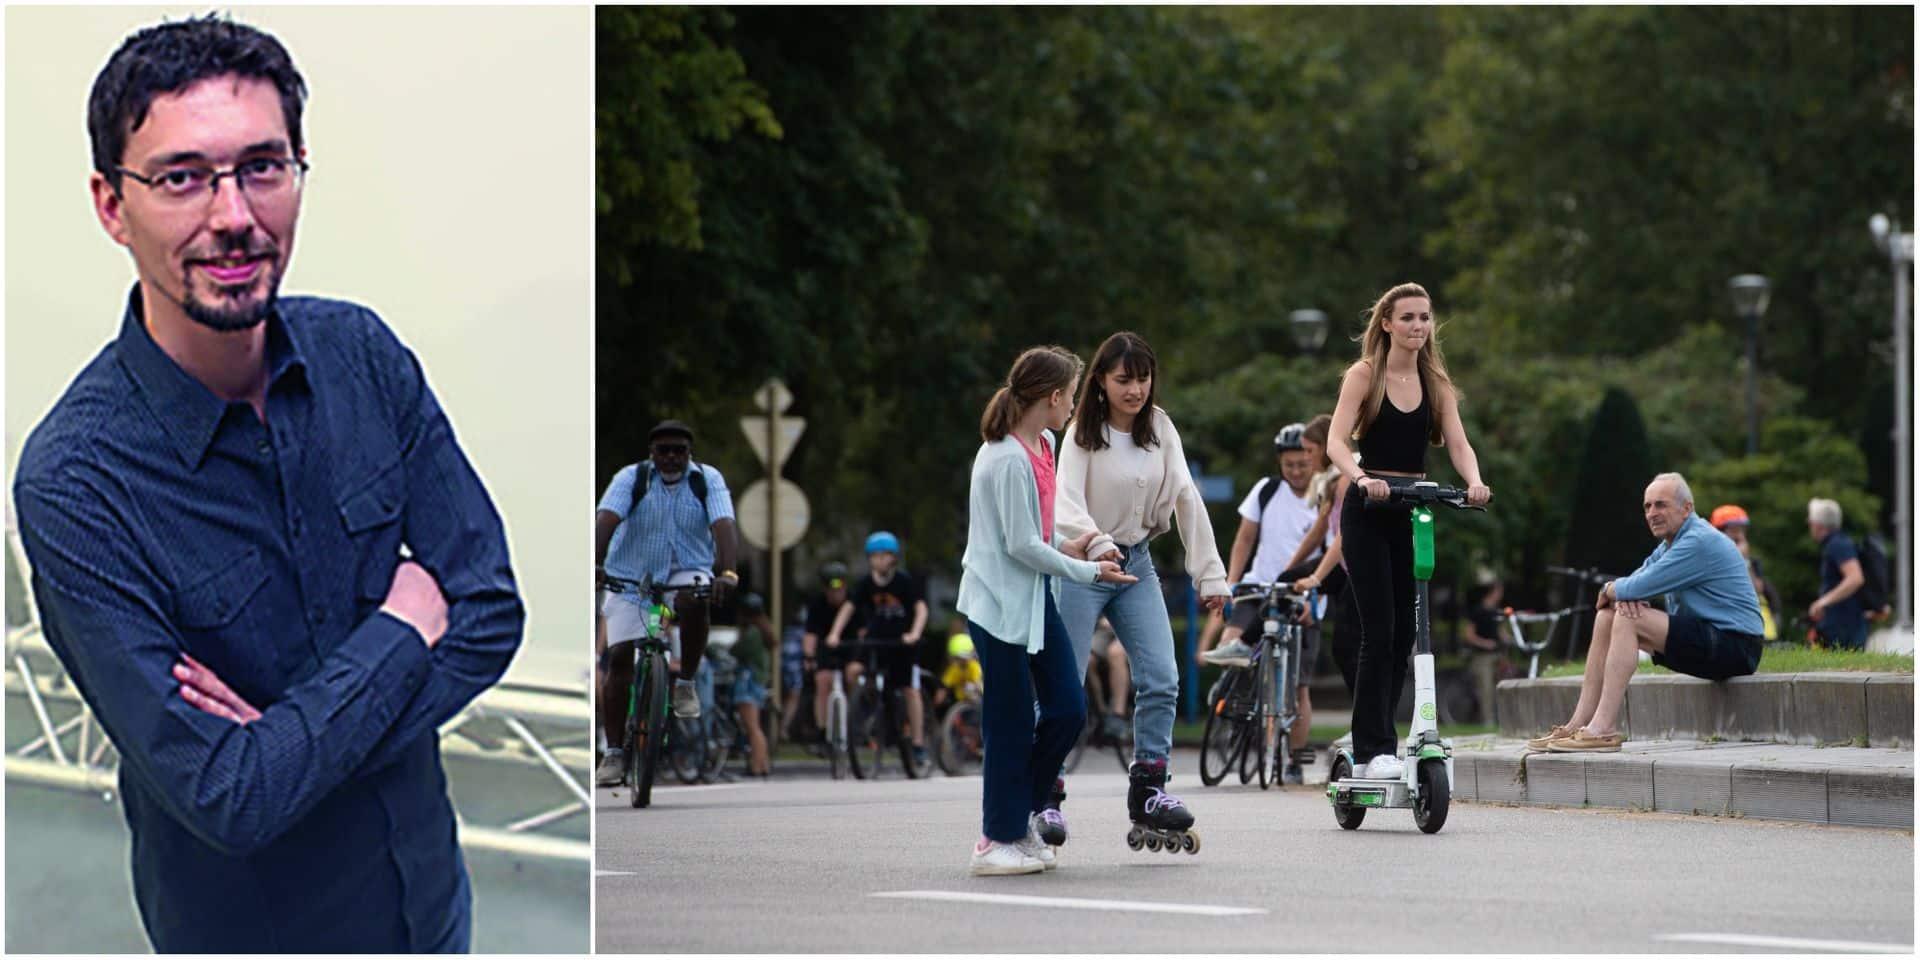 L'édito: Journée sans voiture et sans civisme